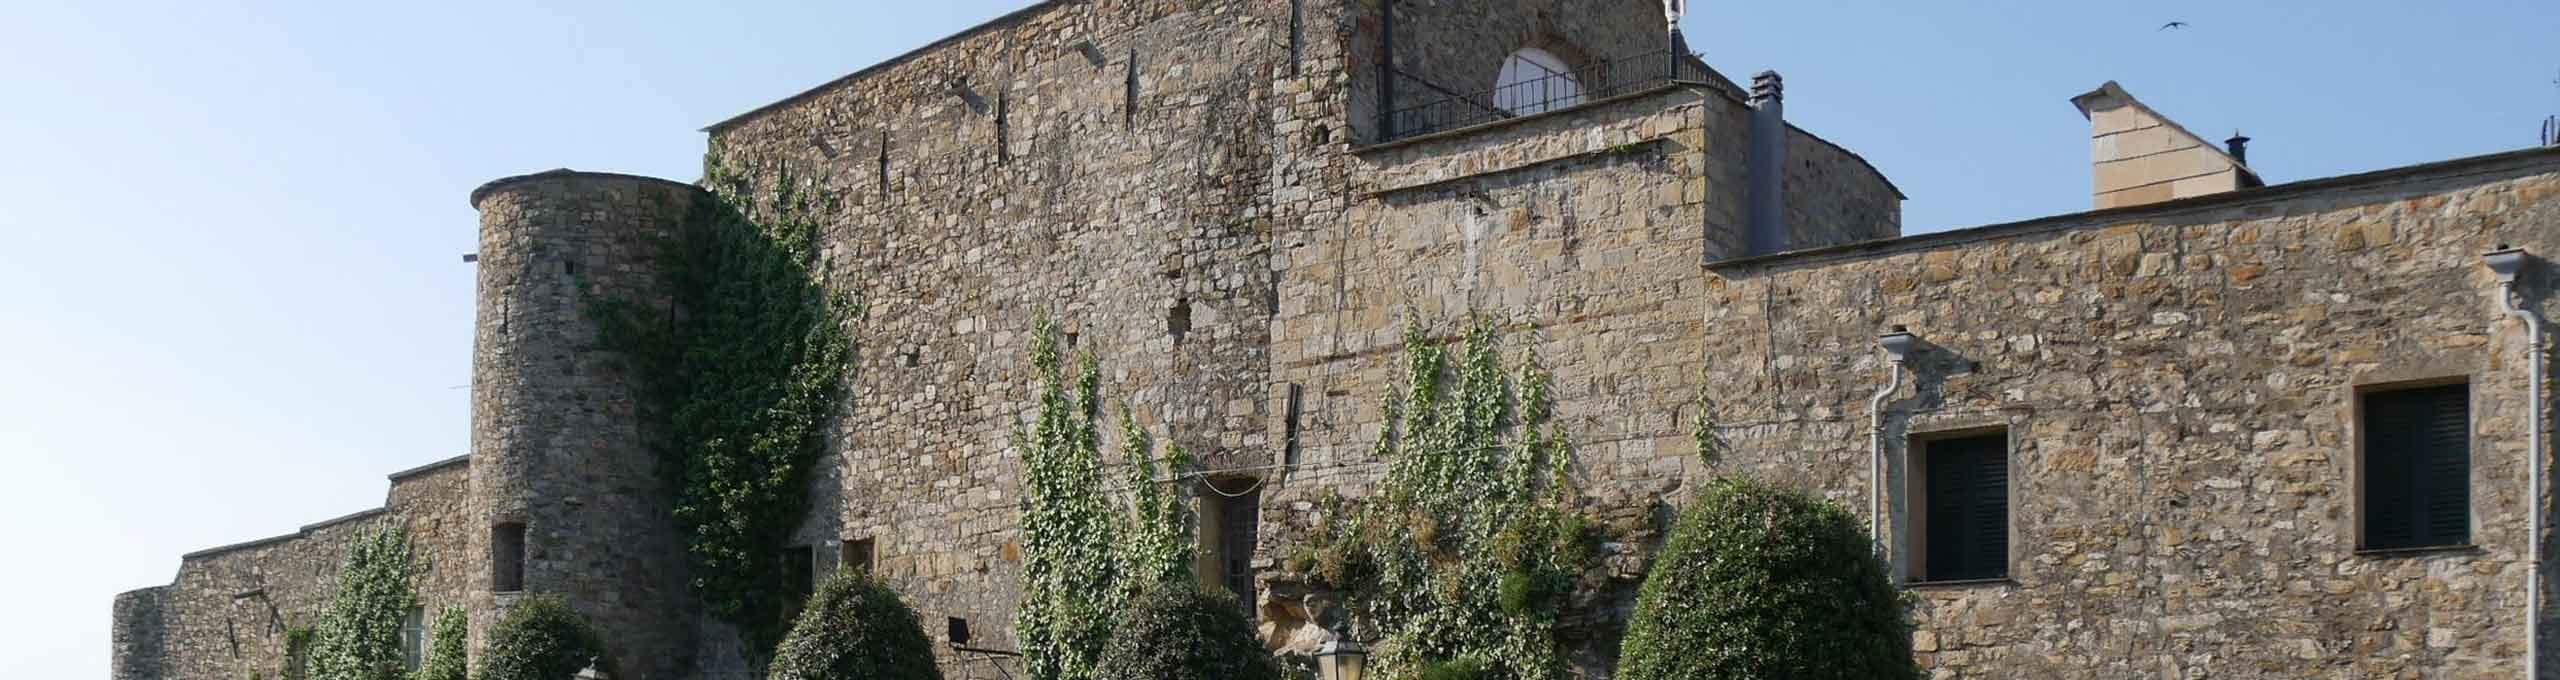 Clavesana, zona alta delle Langhe, castello di Cervo